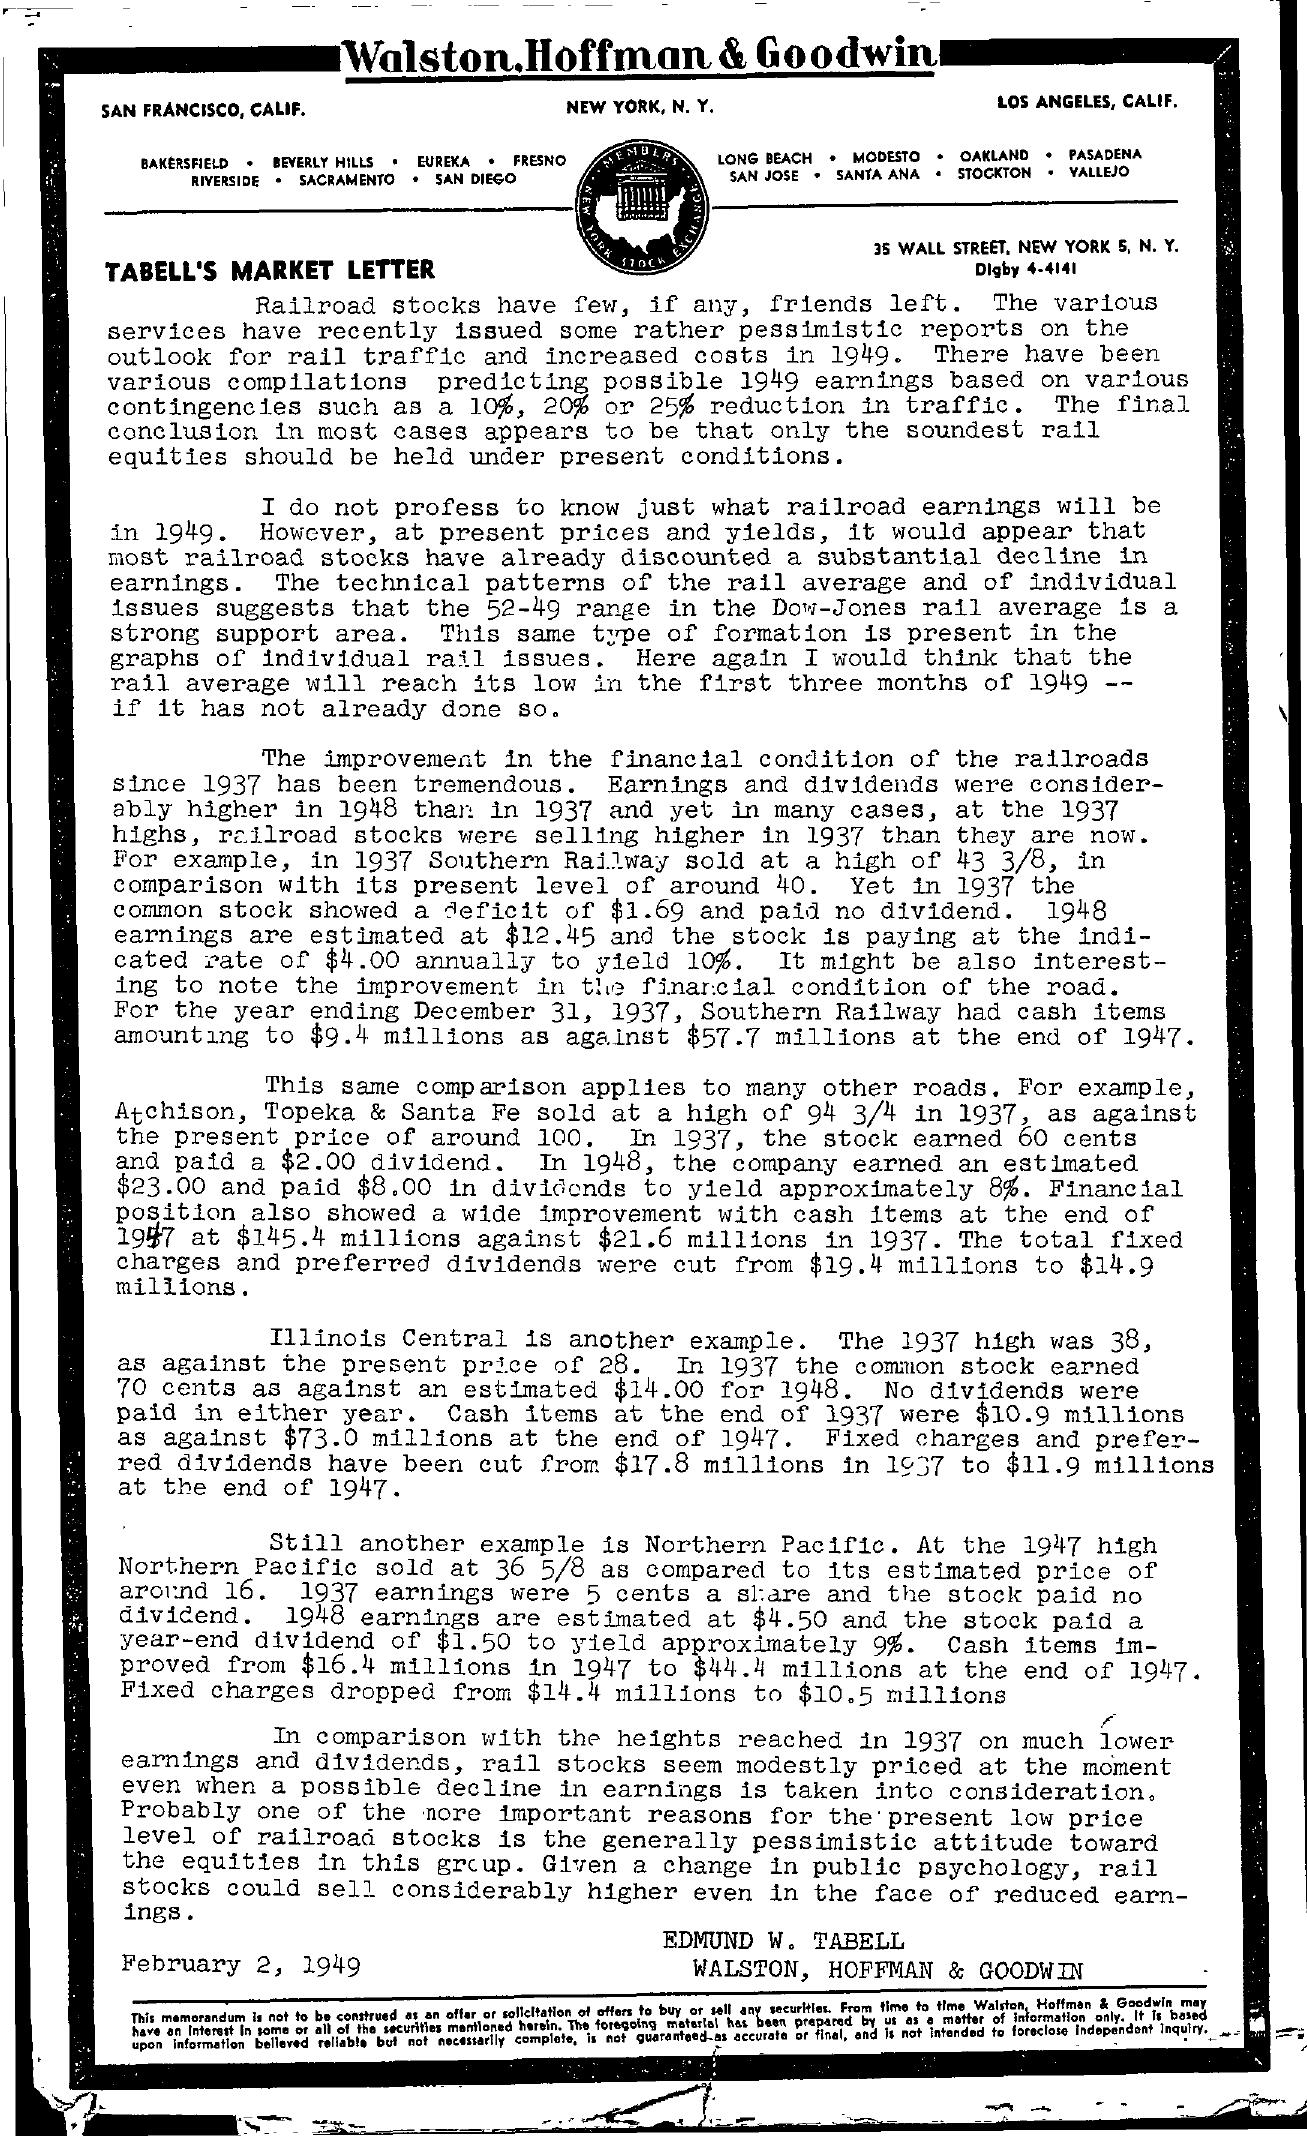 Tabell's Market Letter - February 02, 1949